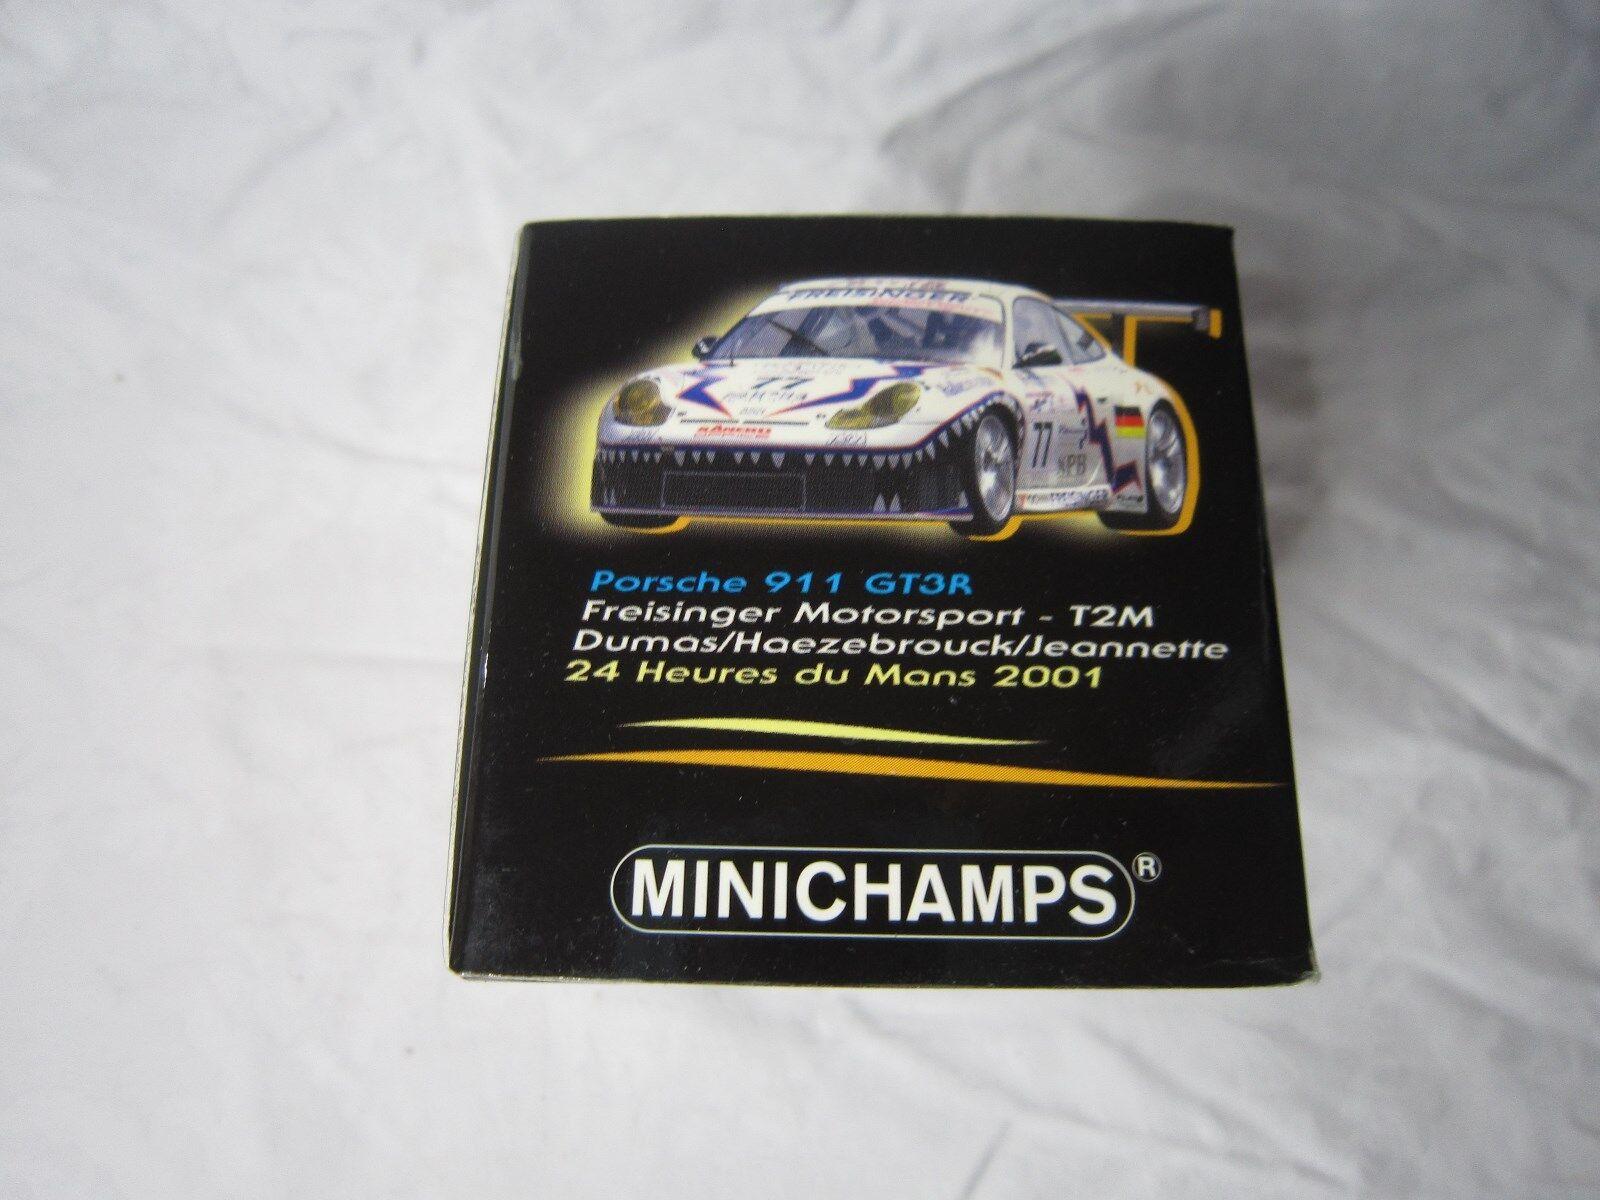 DV7174 MINICHAMPS PORSCHE 911 GT3 RS DUMAS LE MANS MANS MANS 2001 Ref 400016977 1 43 ad761b